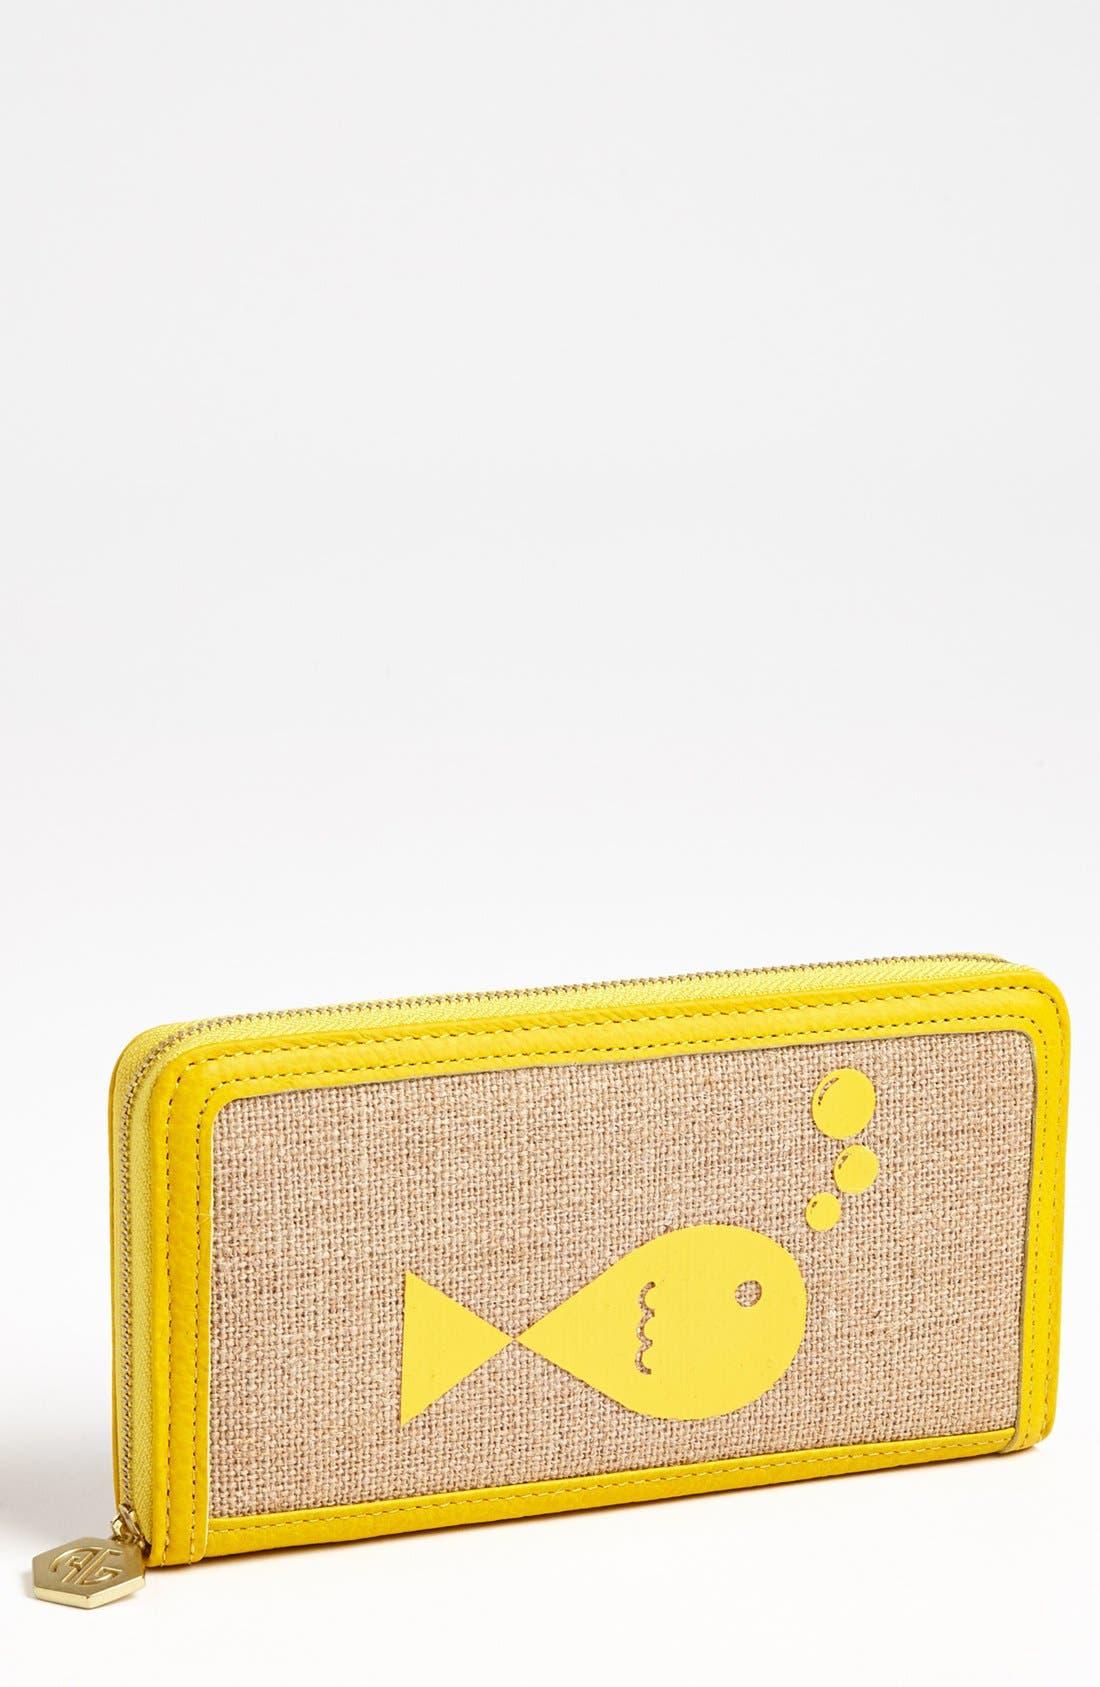 Main Image - Jonathan Adler 'Fish' Continental Wallet